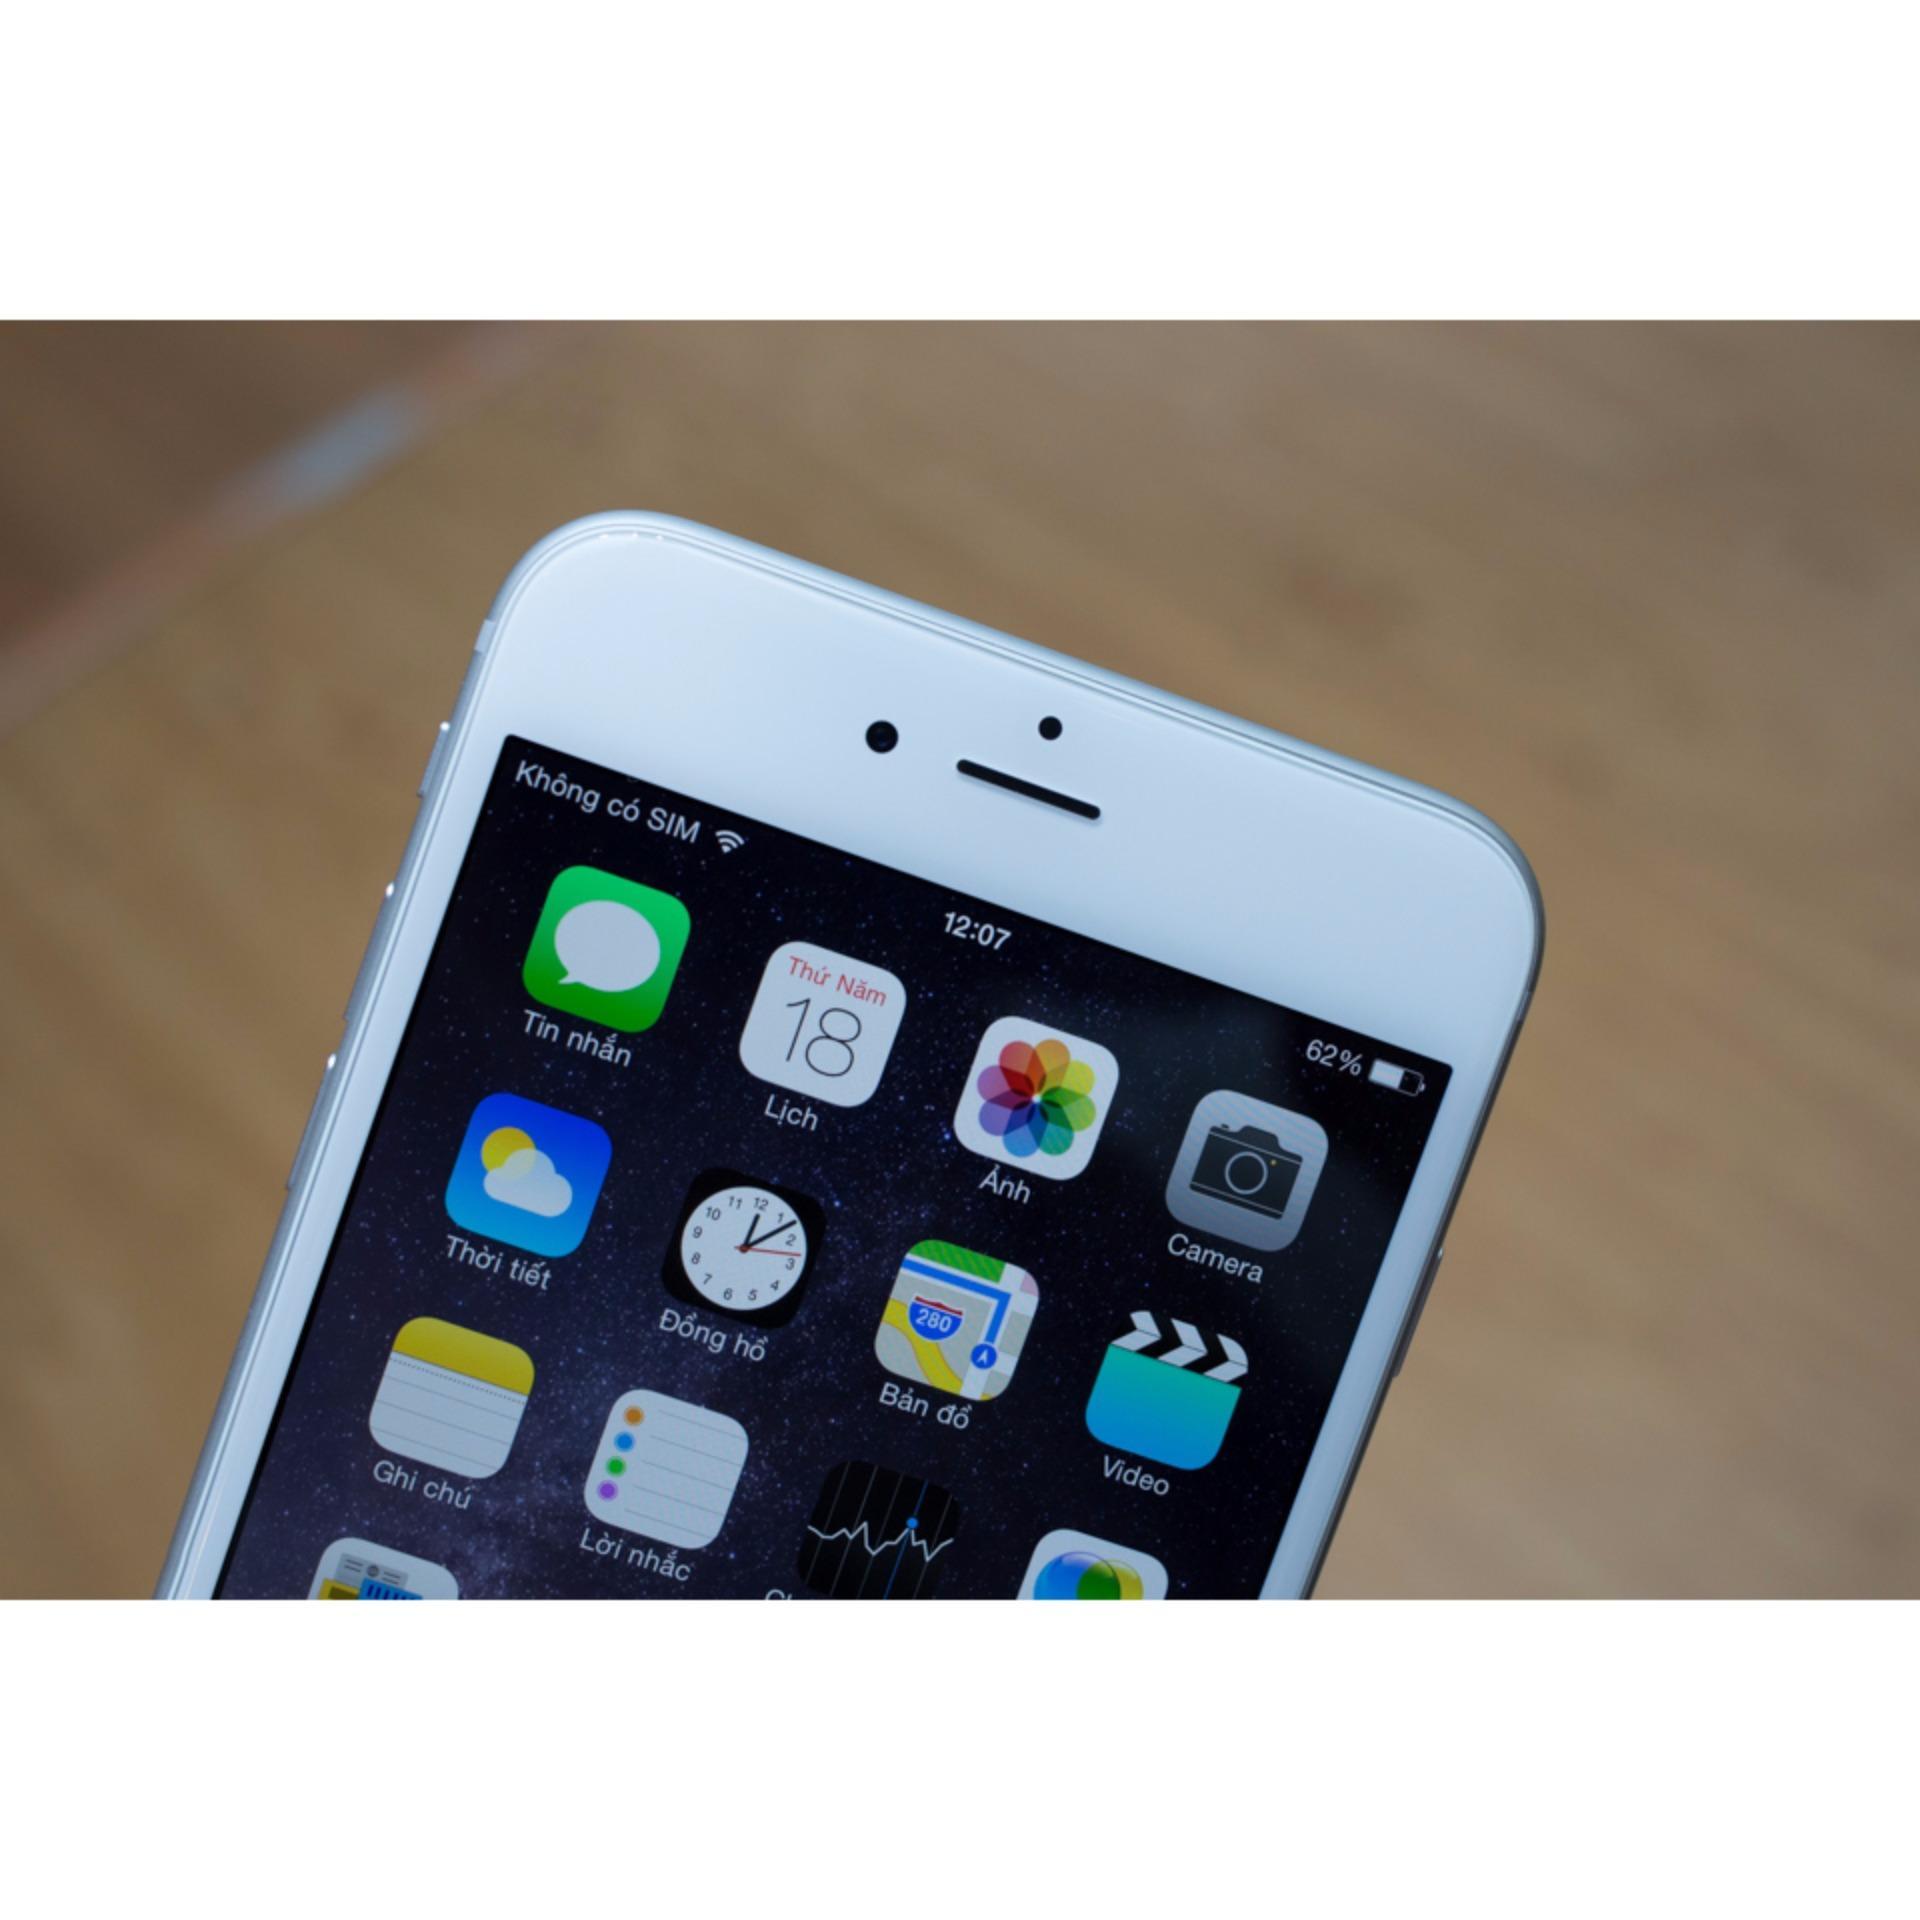 iPhone 6 Quốc Tế – 16GB – Kmobile hàng nhập khẩu